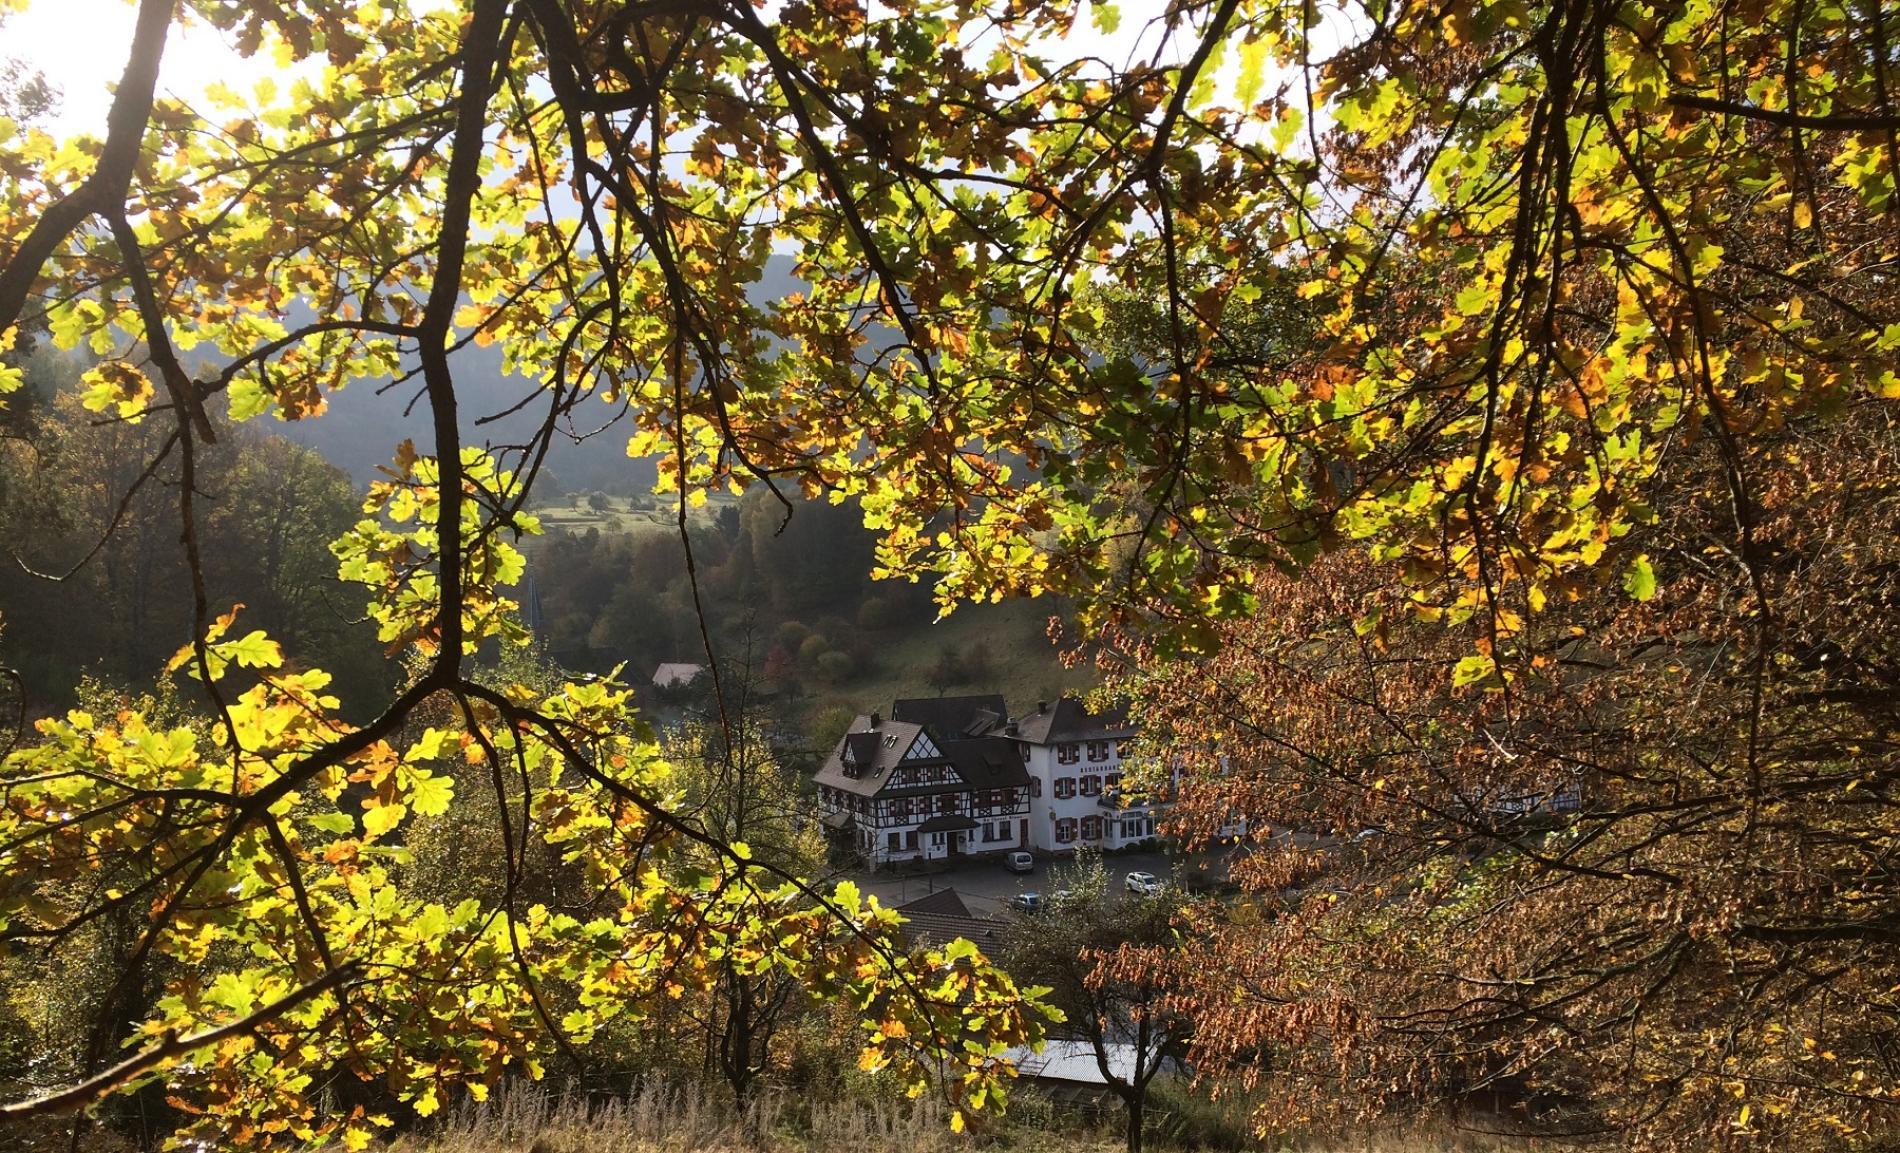 L'automne couleurs flamboyantes à Niedersteinbach